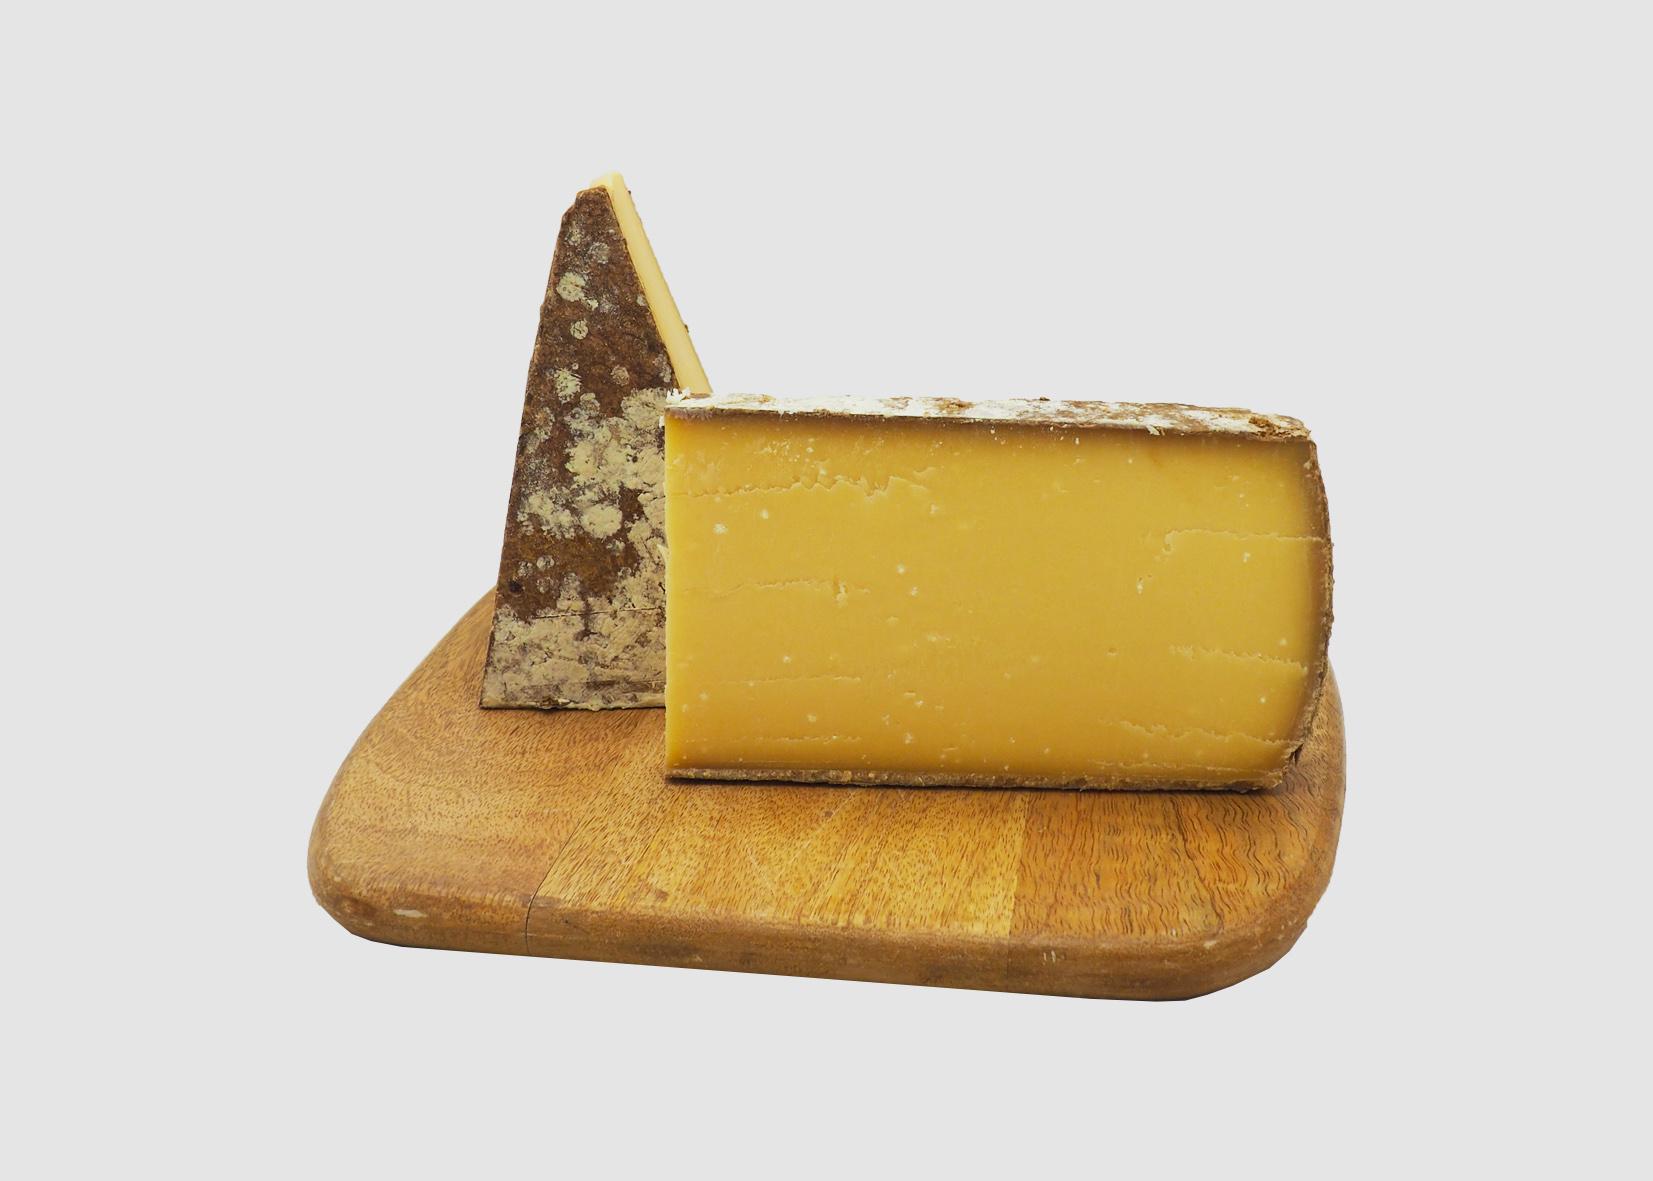 comte-de-garde-fromage-napoleon